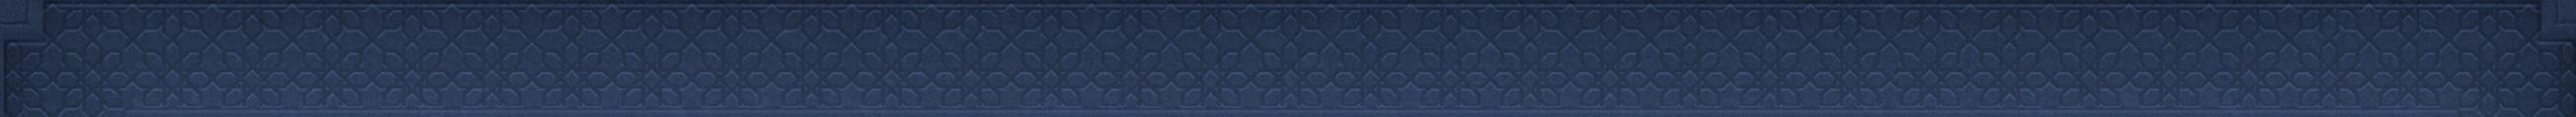 Frises PaiO Bleu haut-01.png